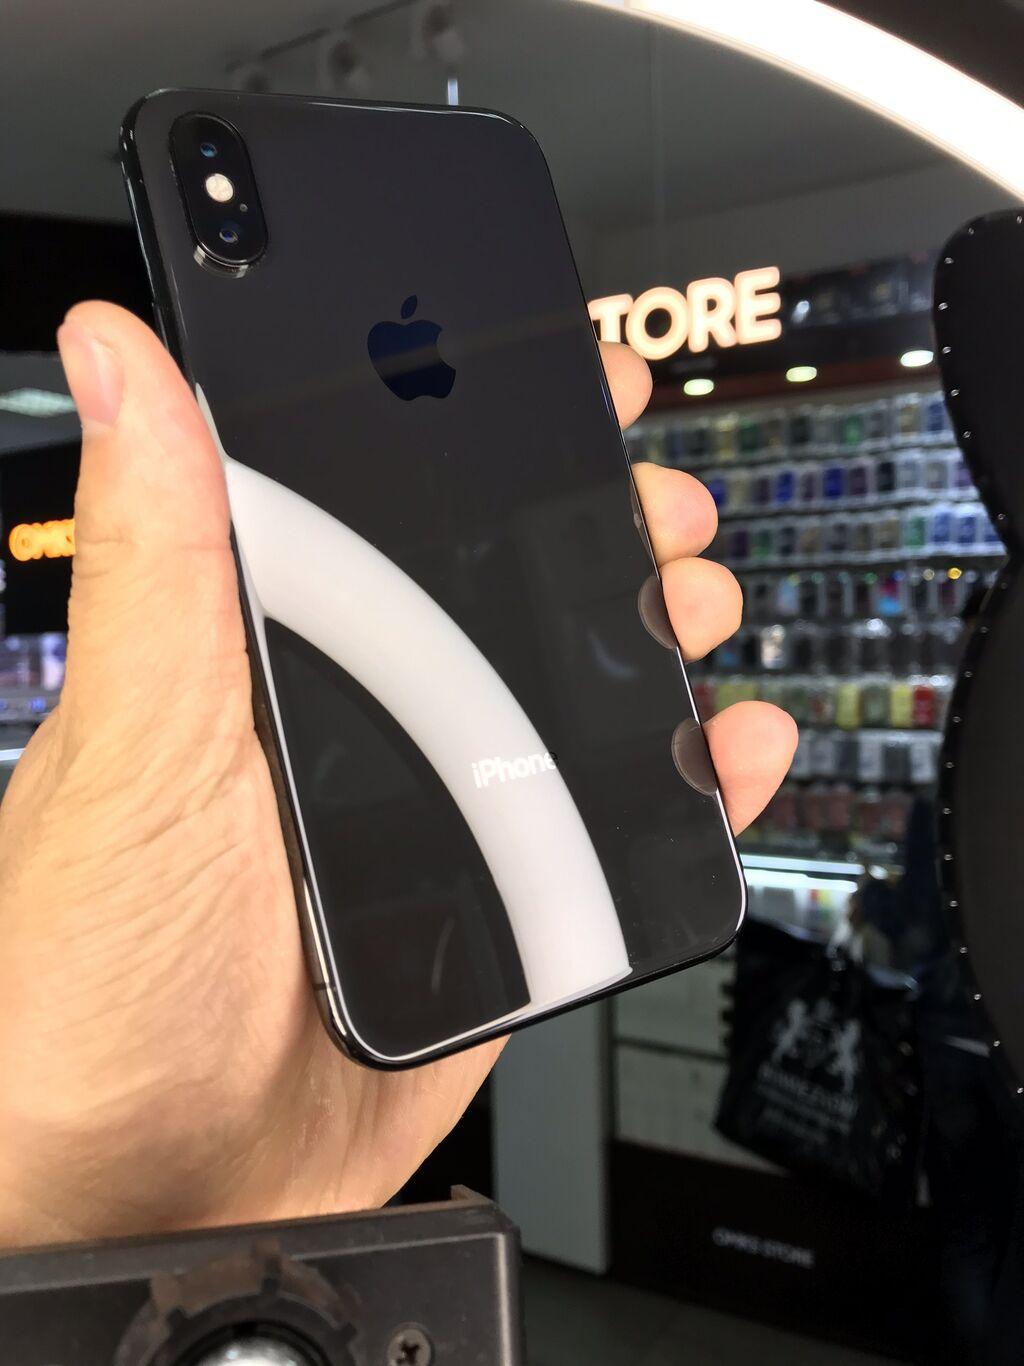 Б/У iPhone X 64 ГБ Черный: Б/У iPhone X 64 ГБ Черный